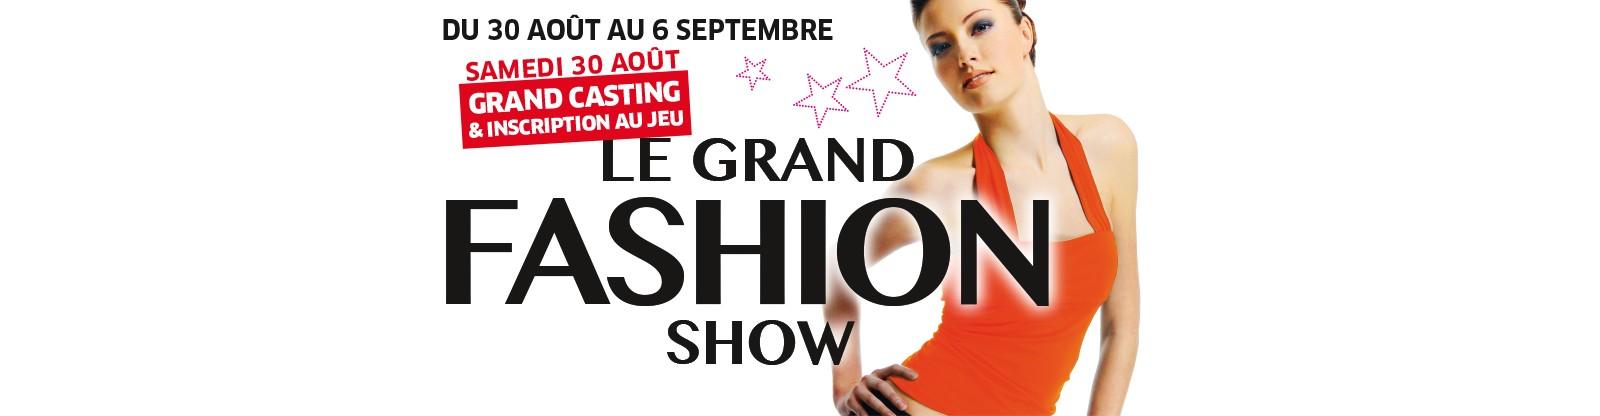 carrefour-Lescar-gd-fashion-show-site-internet-visuel-home-1